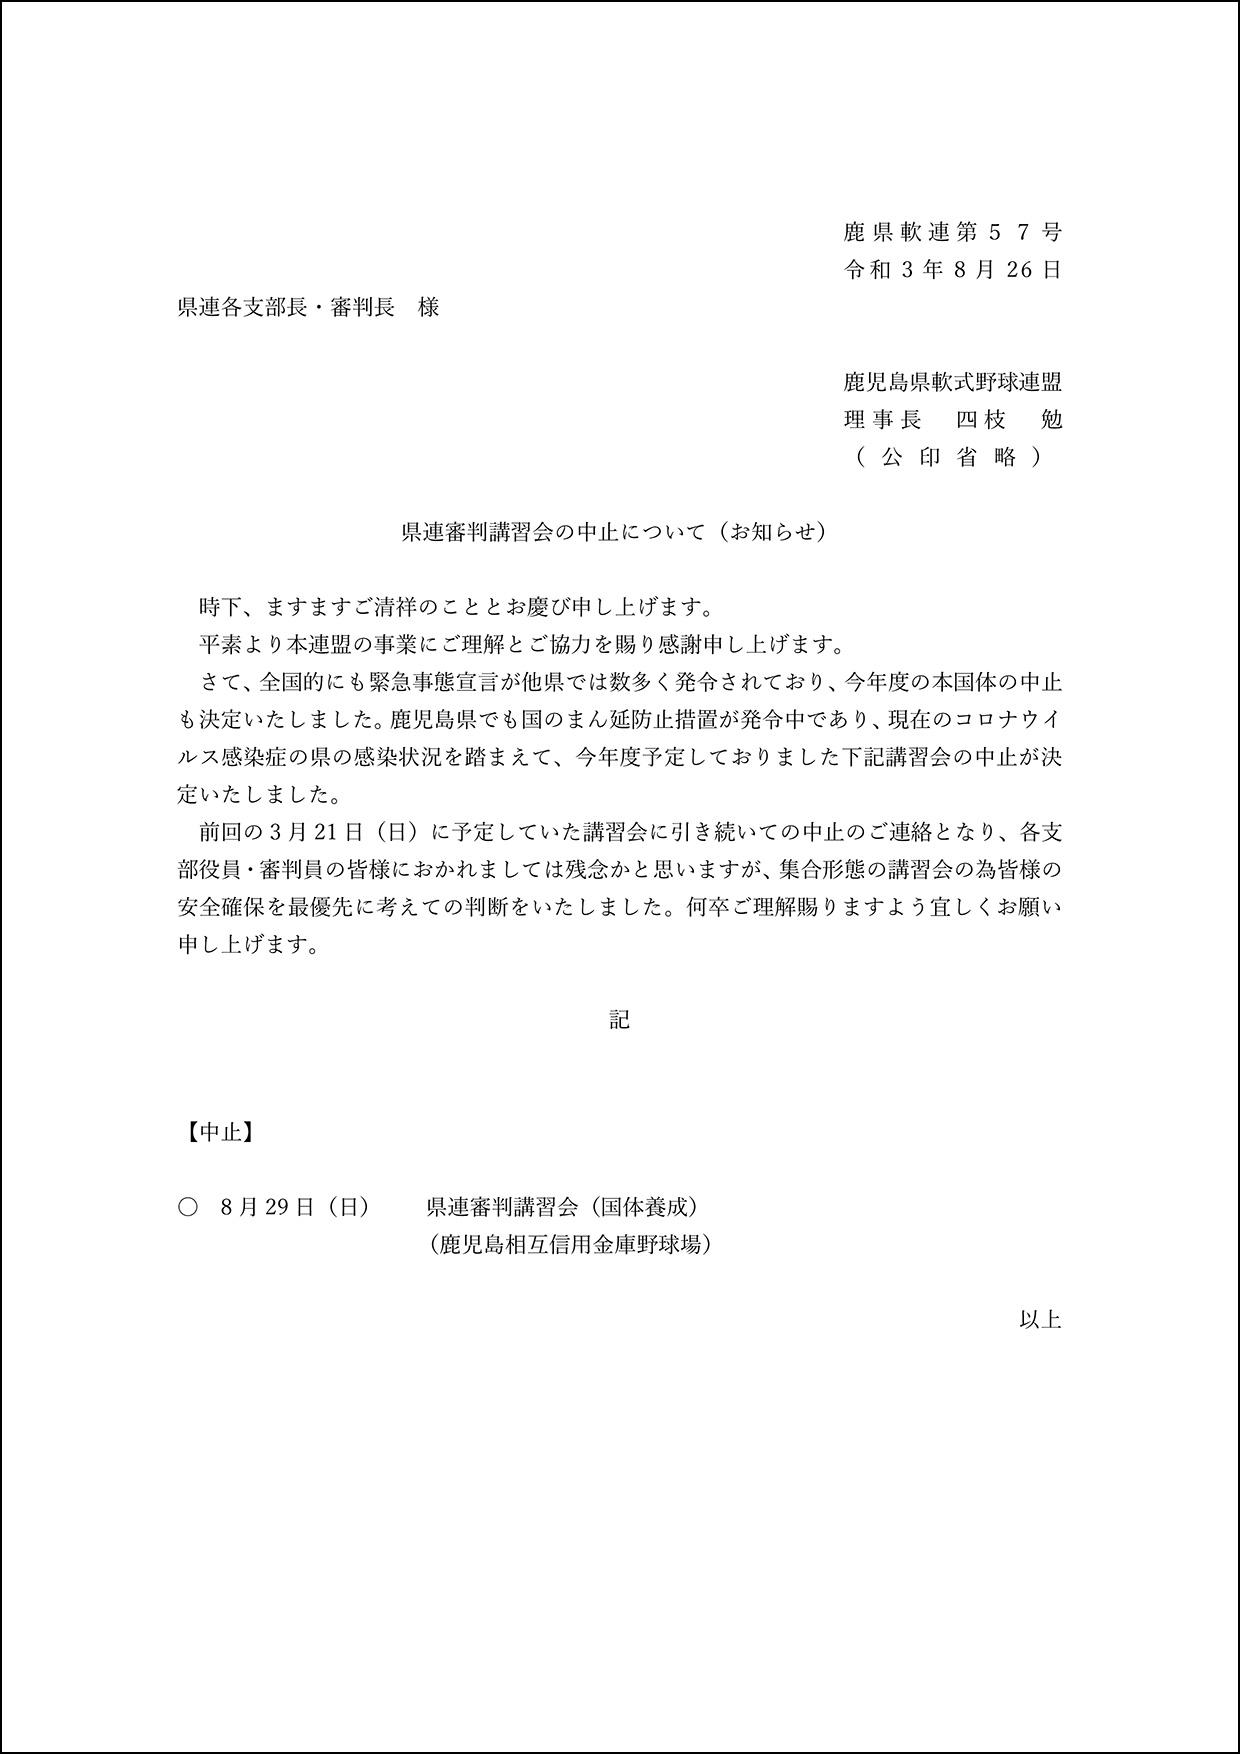 【お知らせ】県連審判講習会の中止について